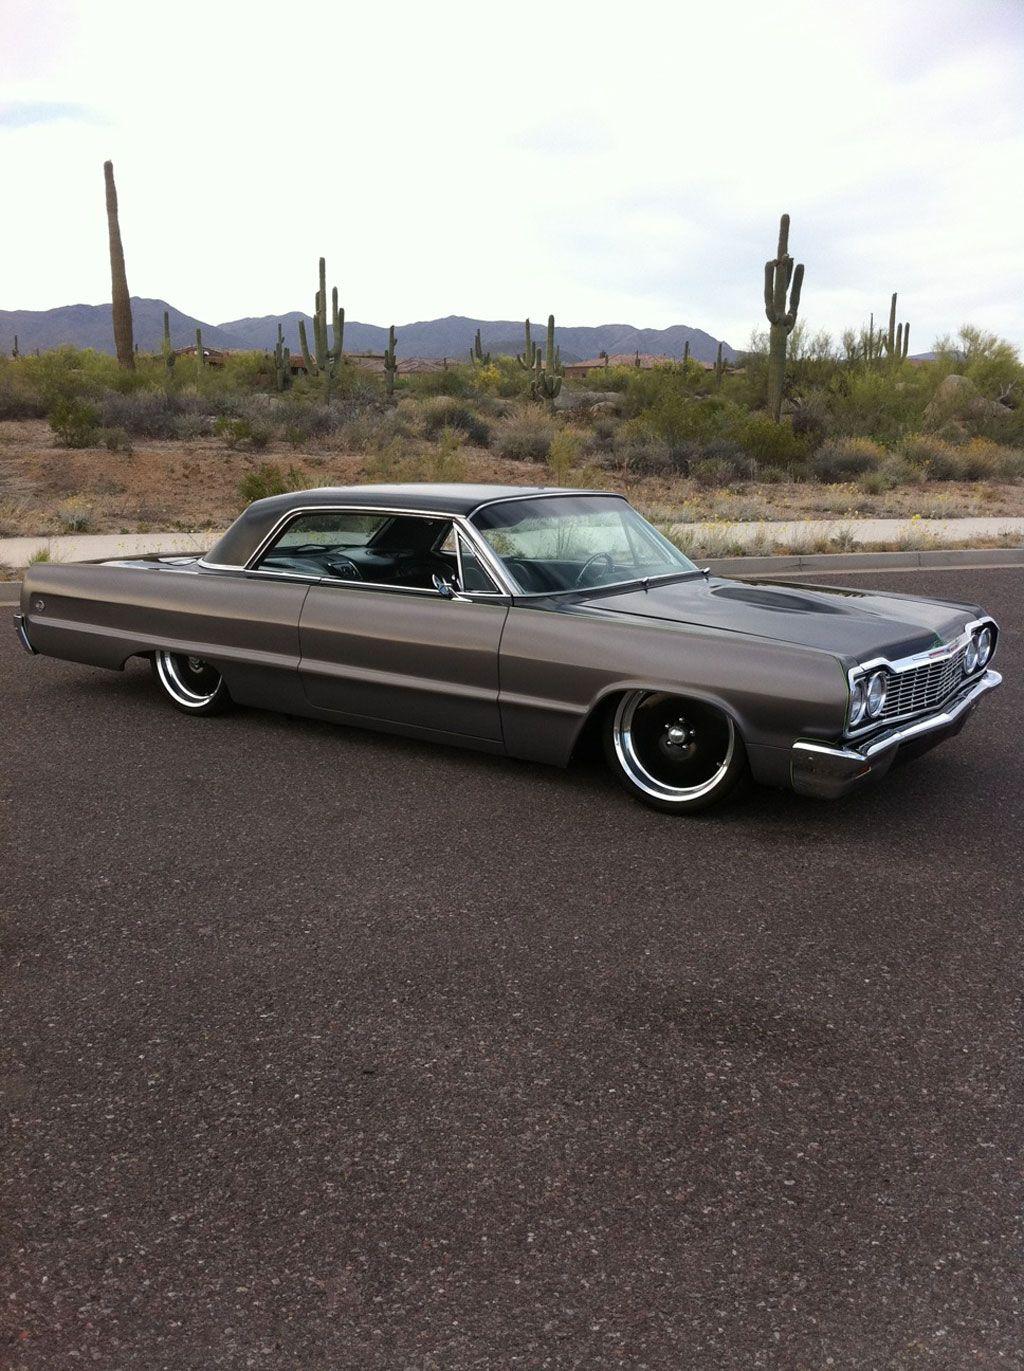 50++ Impala ss 0 60 ideas